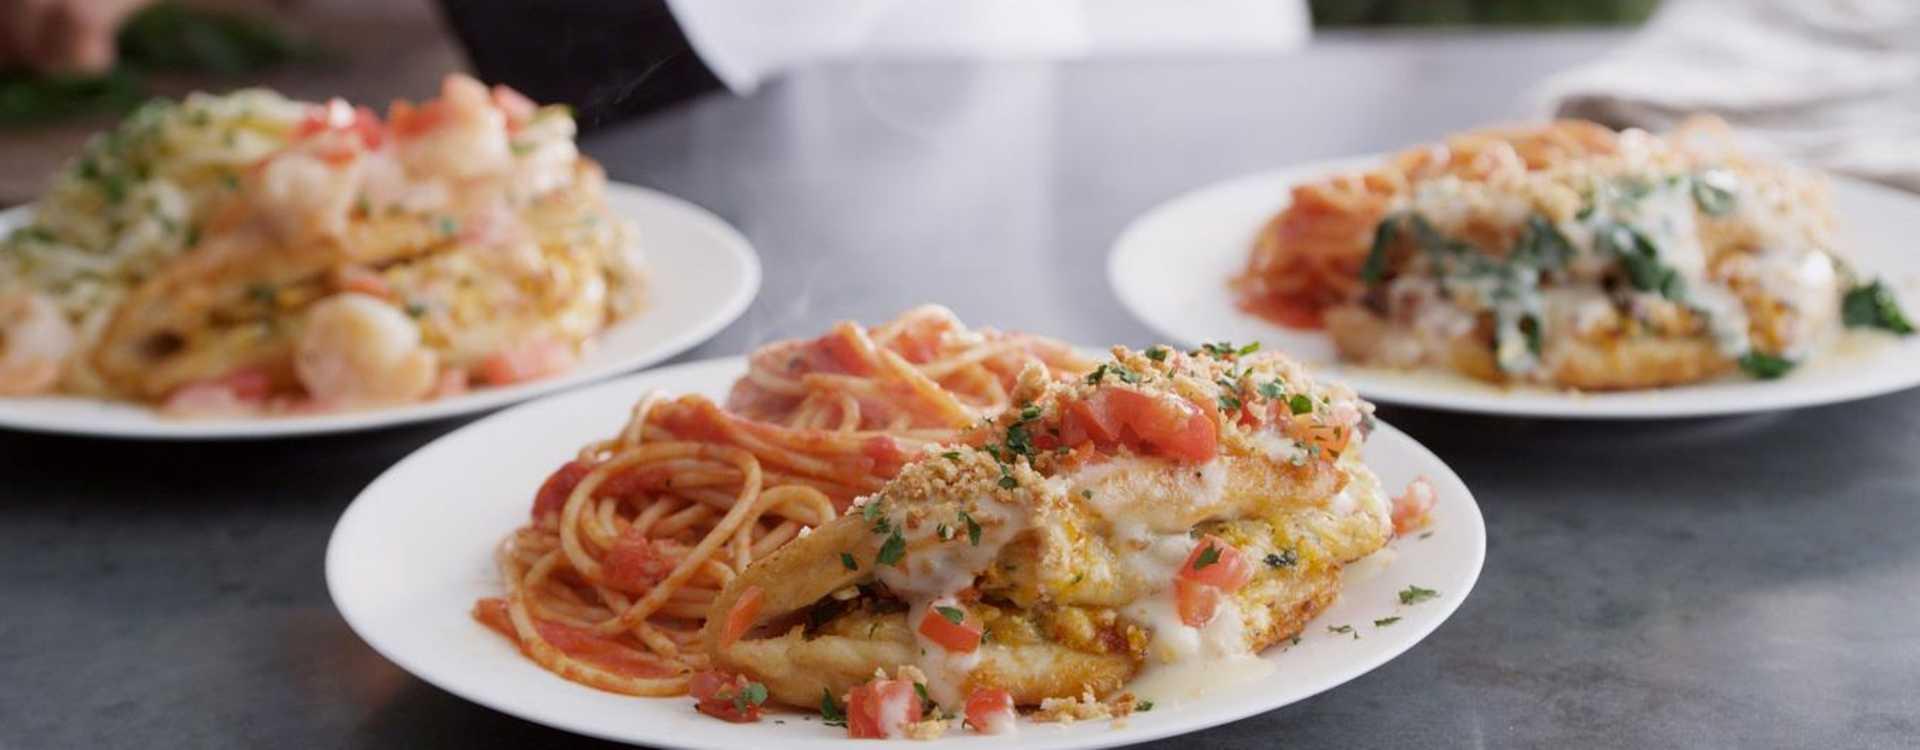 Olive_Garden_Italian_Restaurant-5.jpg